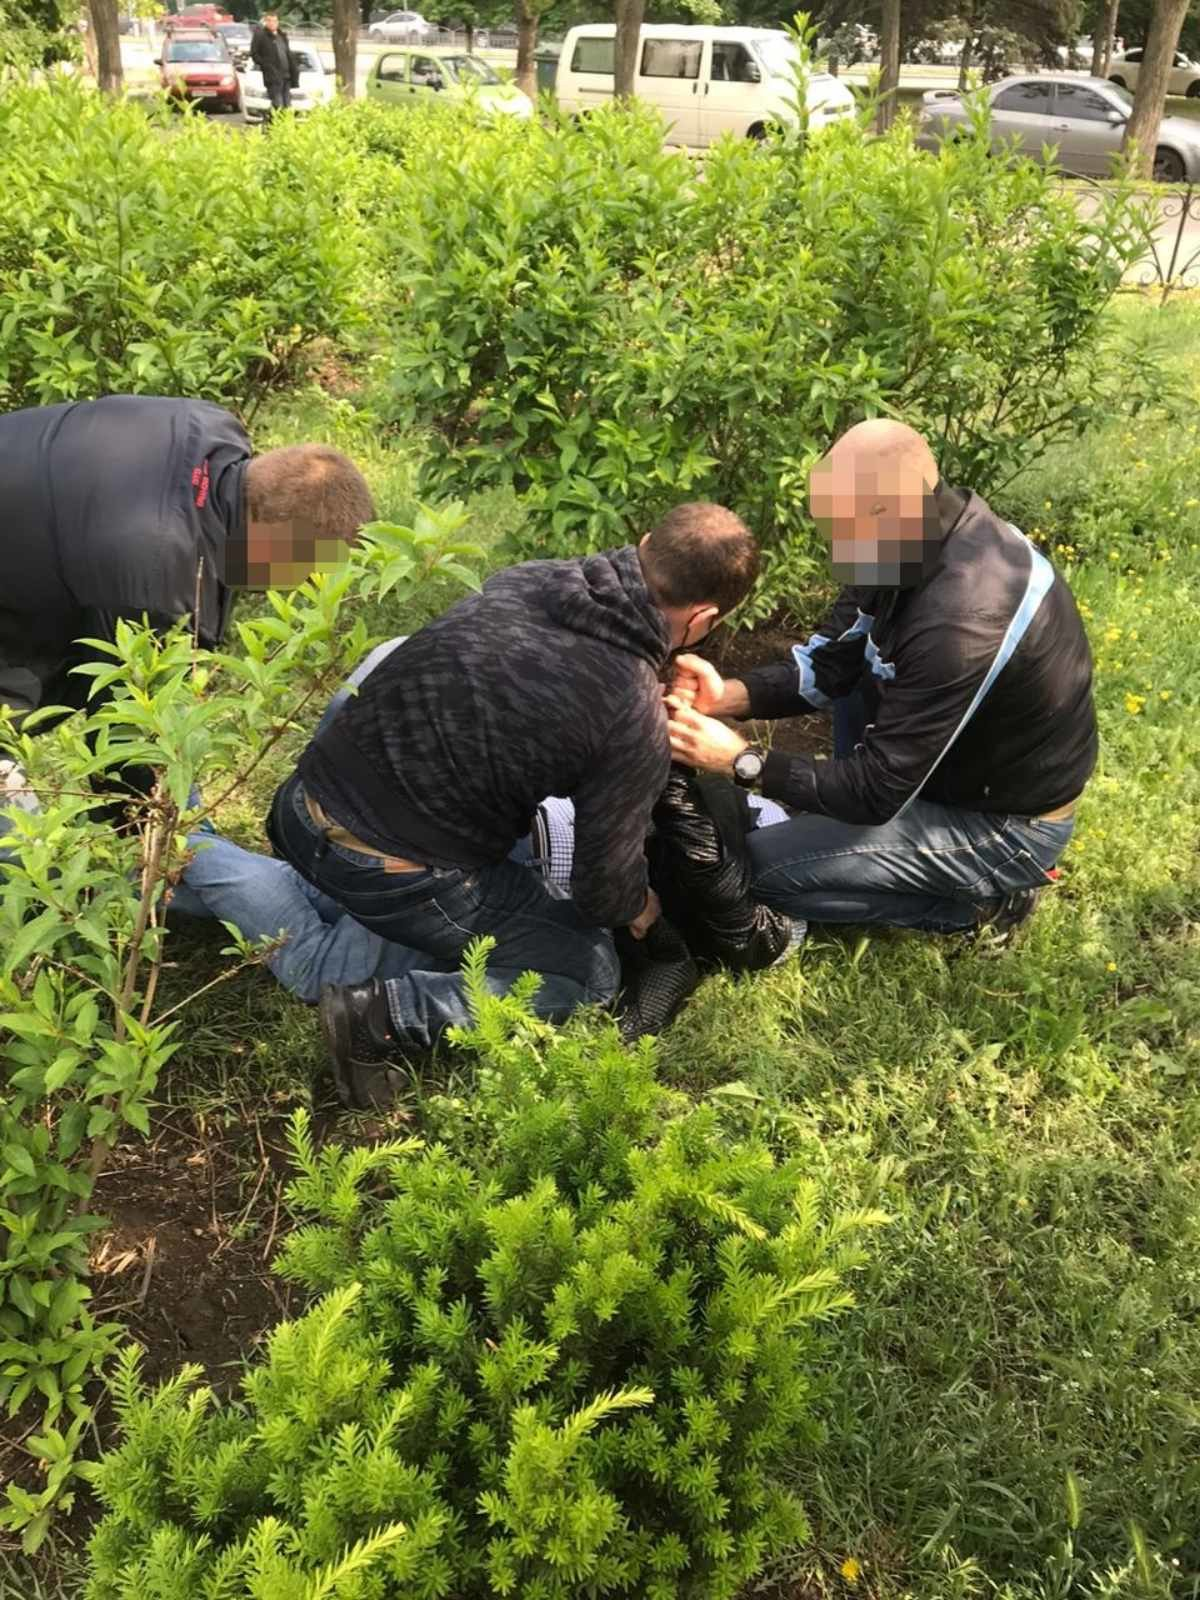 СБУ затримали чергового посадовця за вимогу хабаря від бердянських рибаків, фото-5